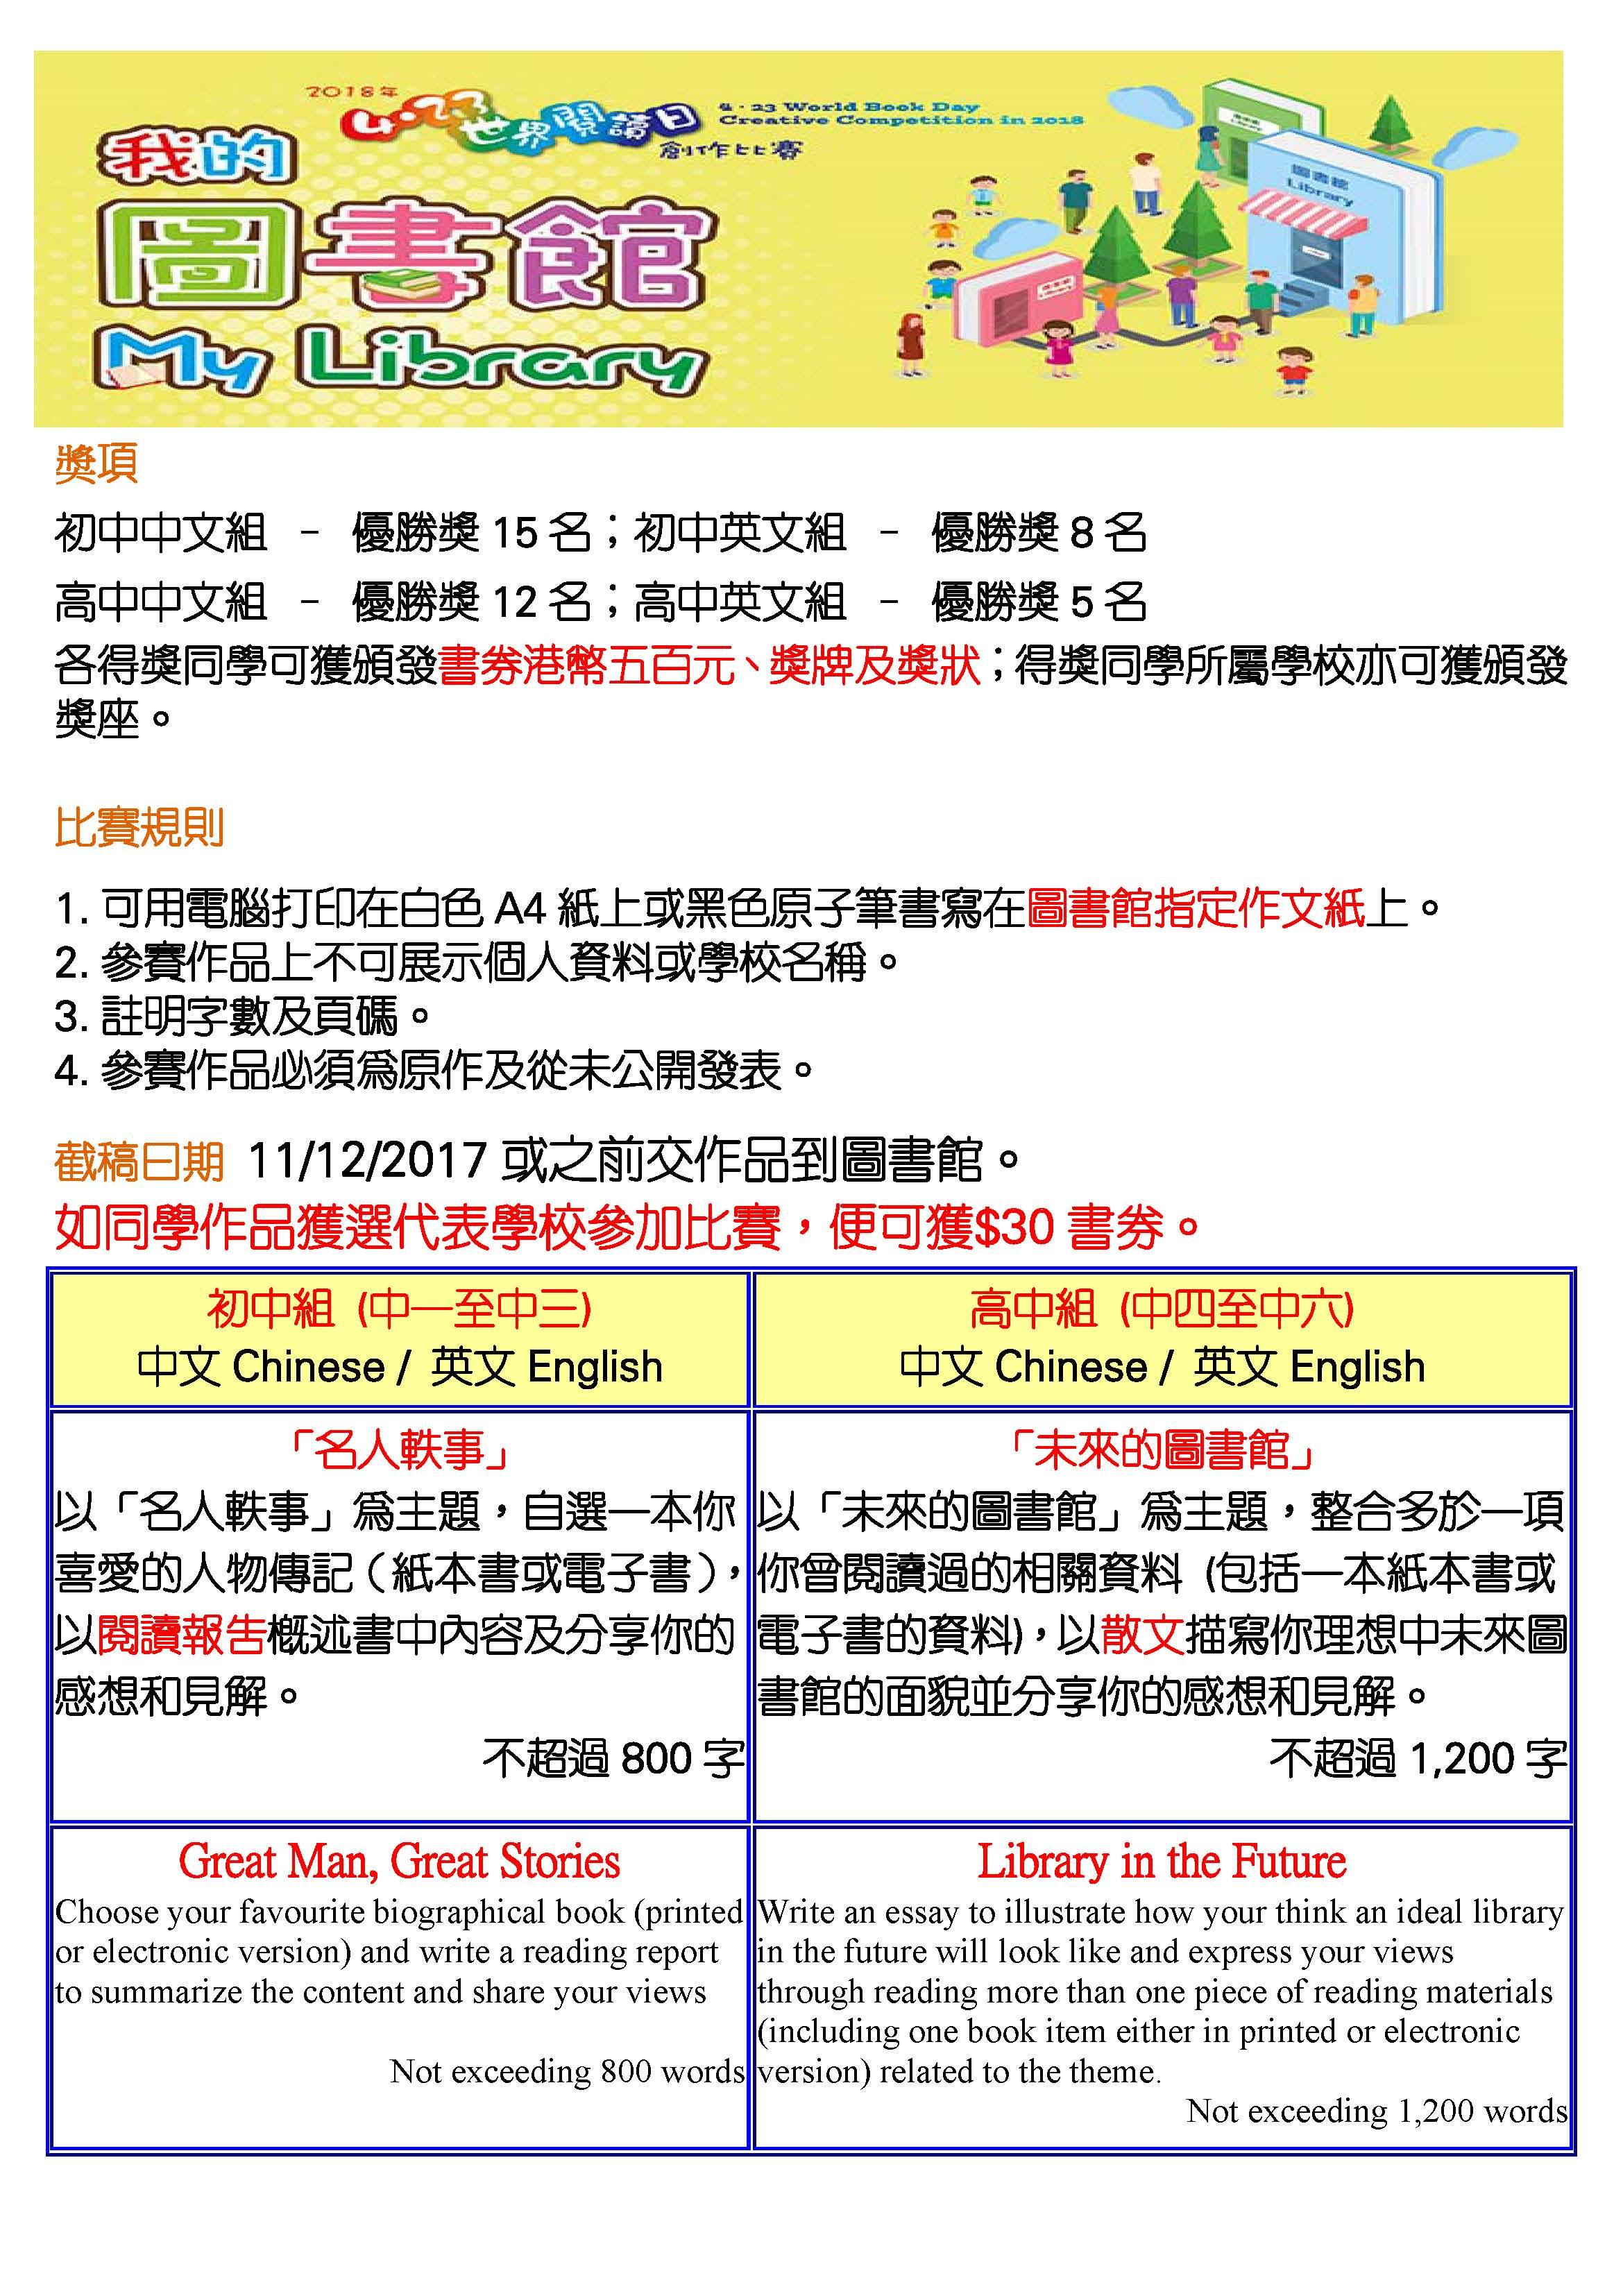 2018年 423世界閱讀日創作比賽 | 香港管理專業協會羅桂祥中學圖書館